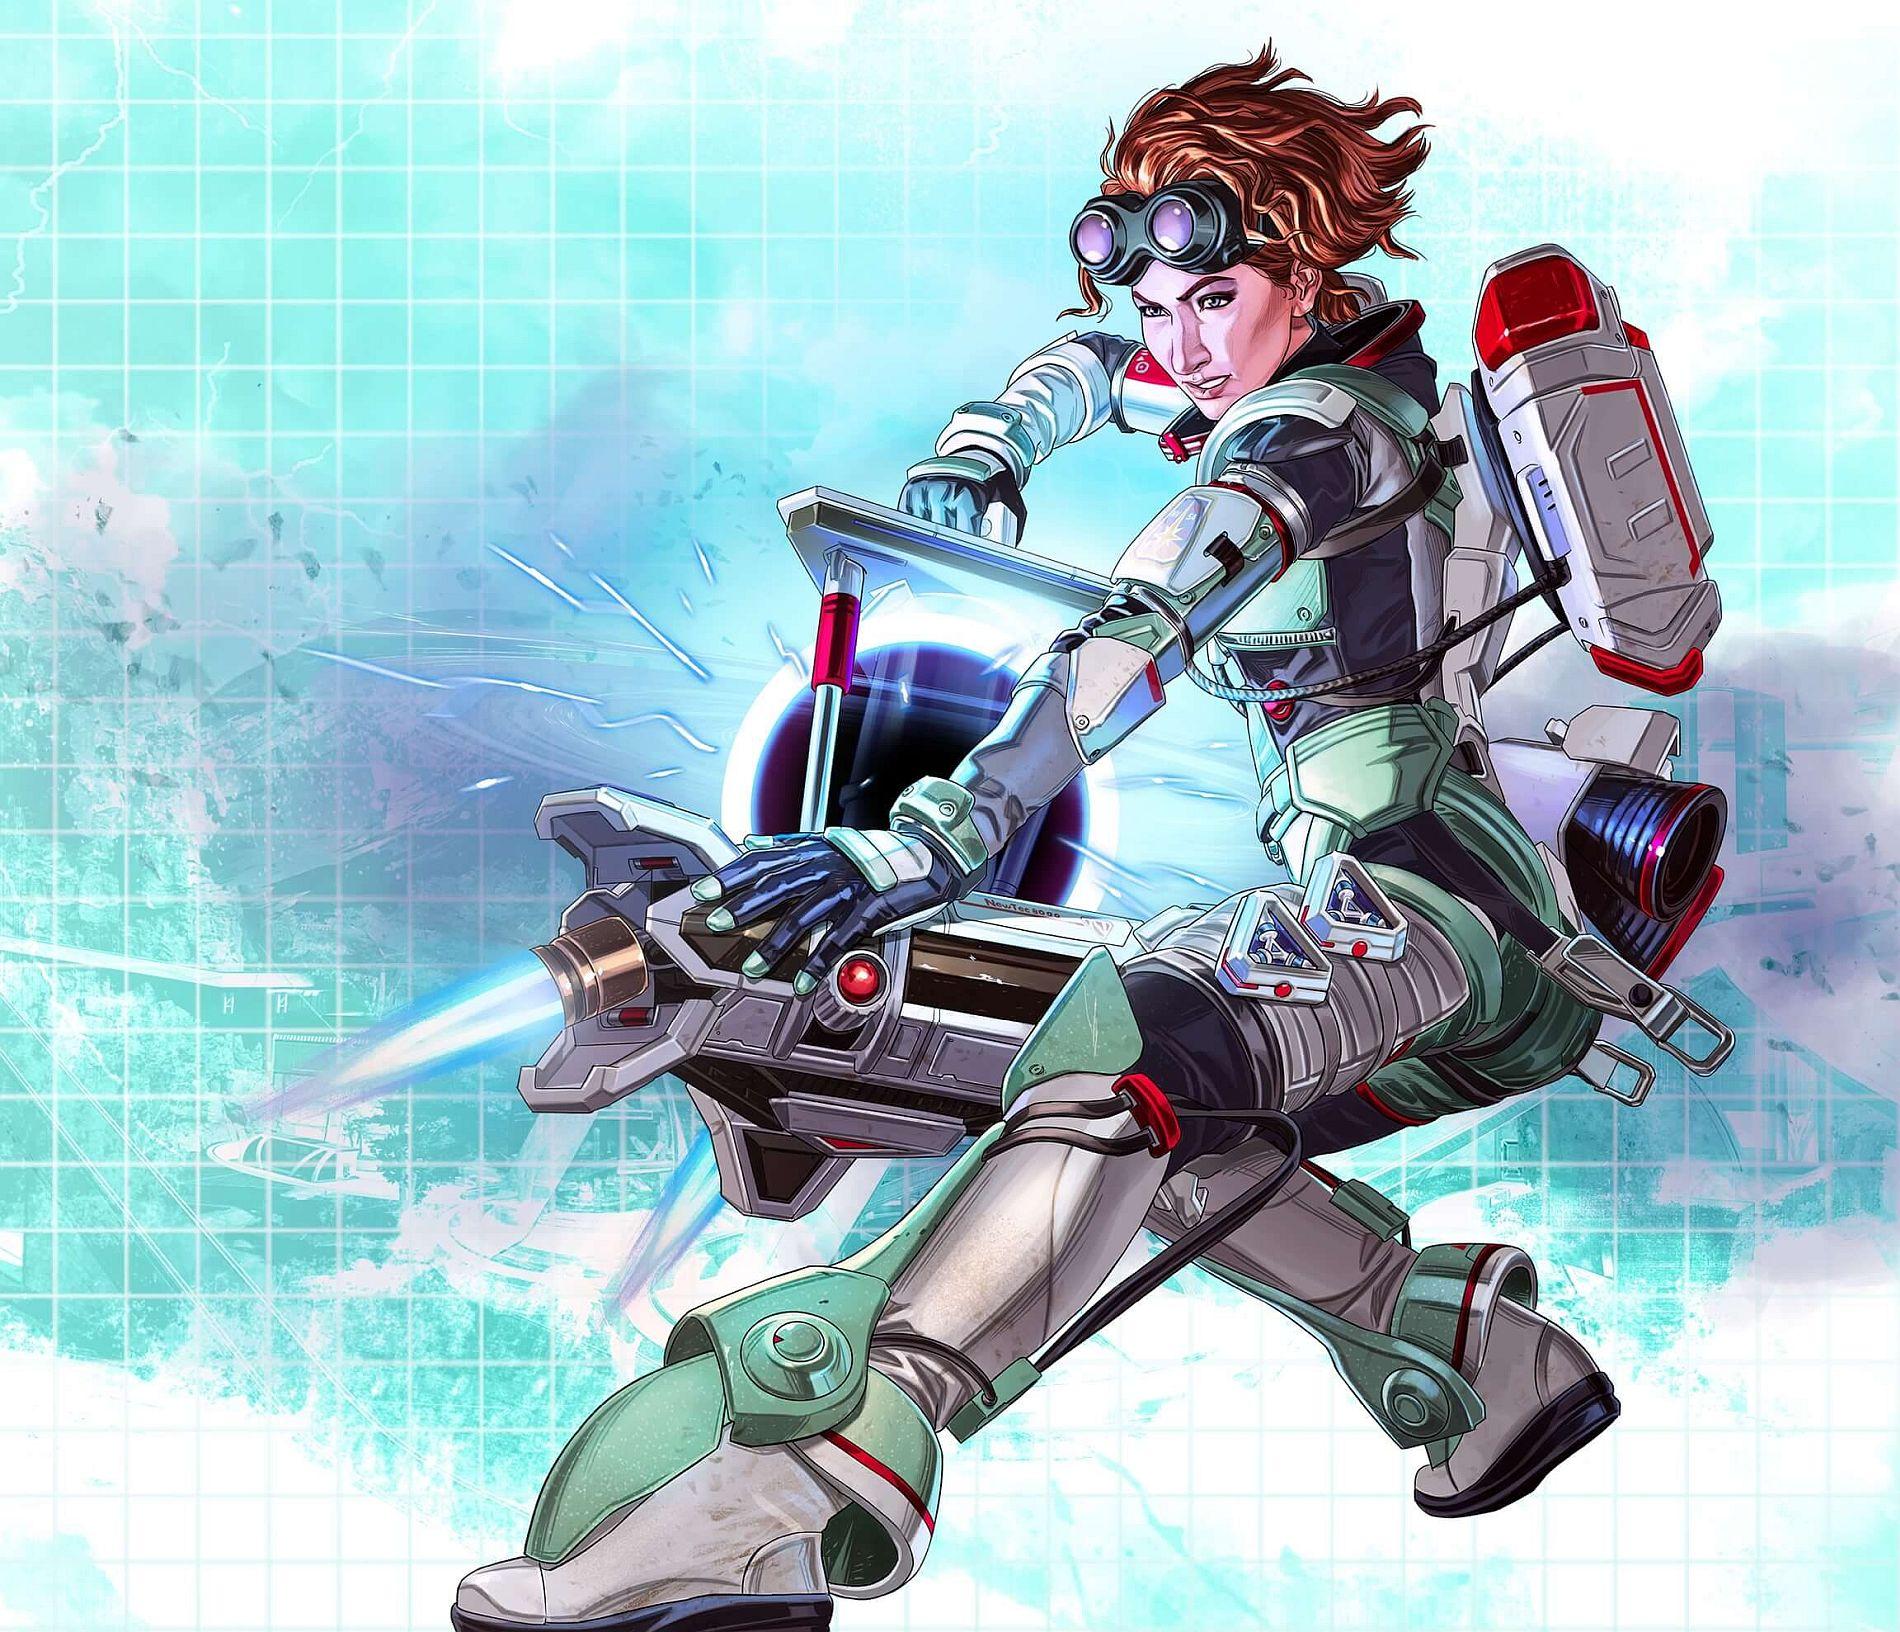 El director de Apex Legends dice que el juego probablemente se expandirá «más allá de Battle Royale»